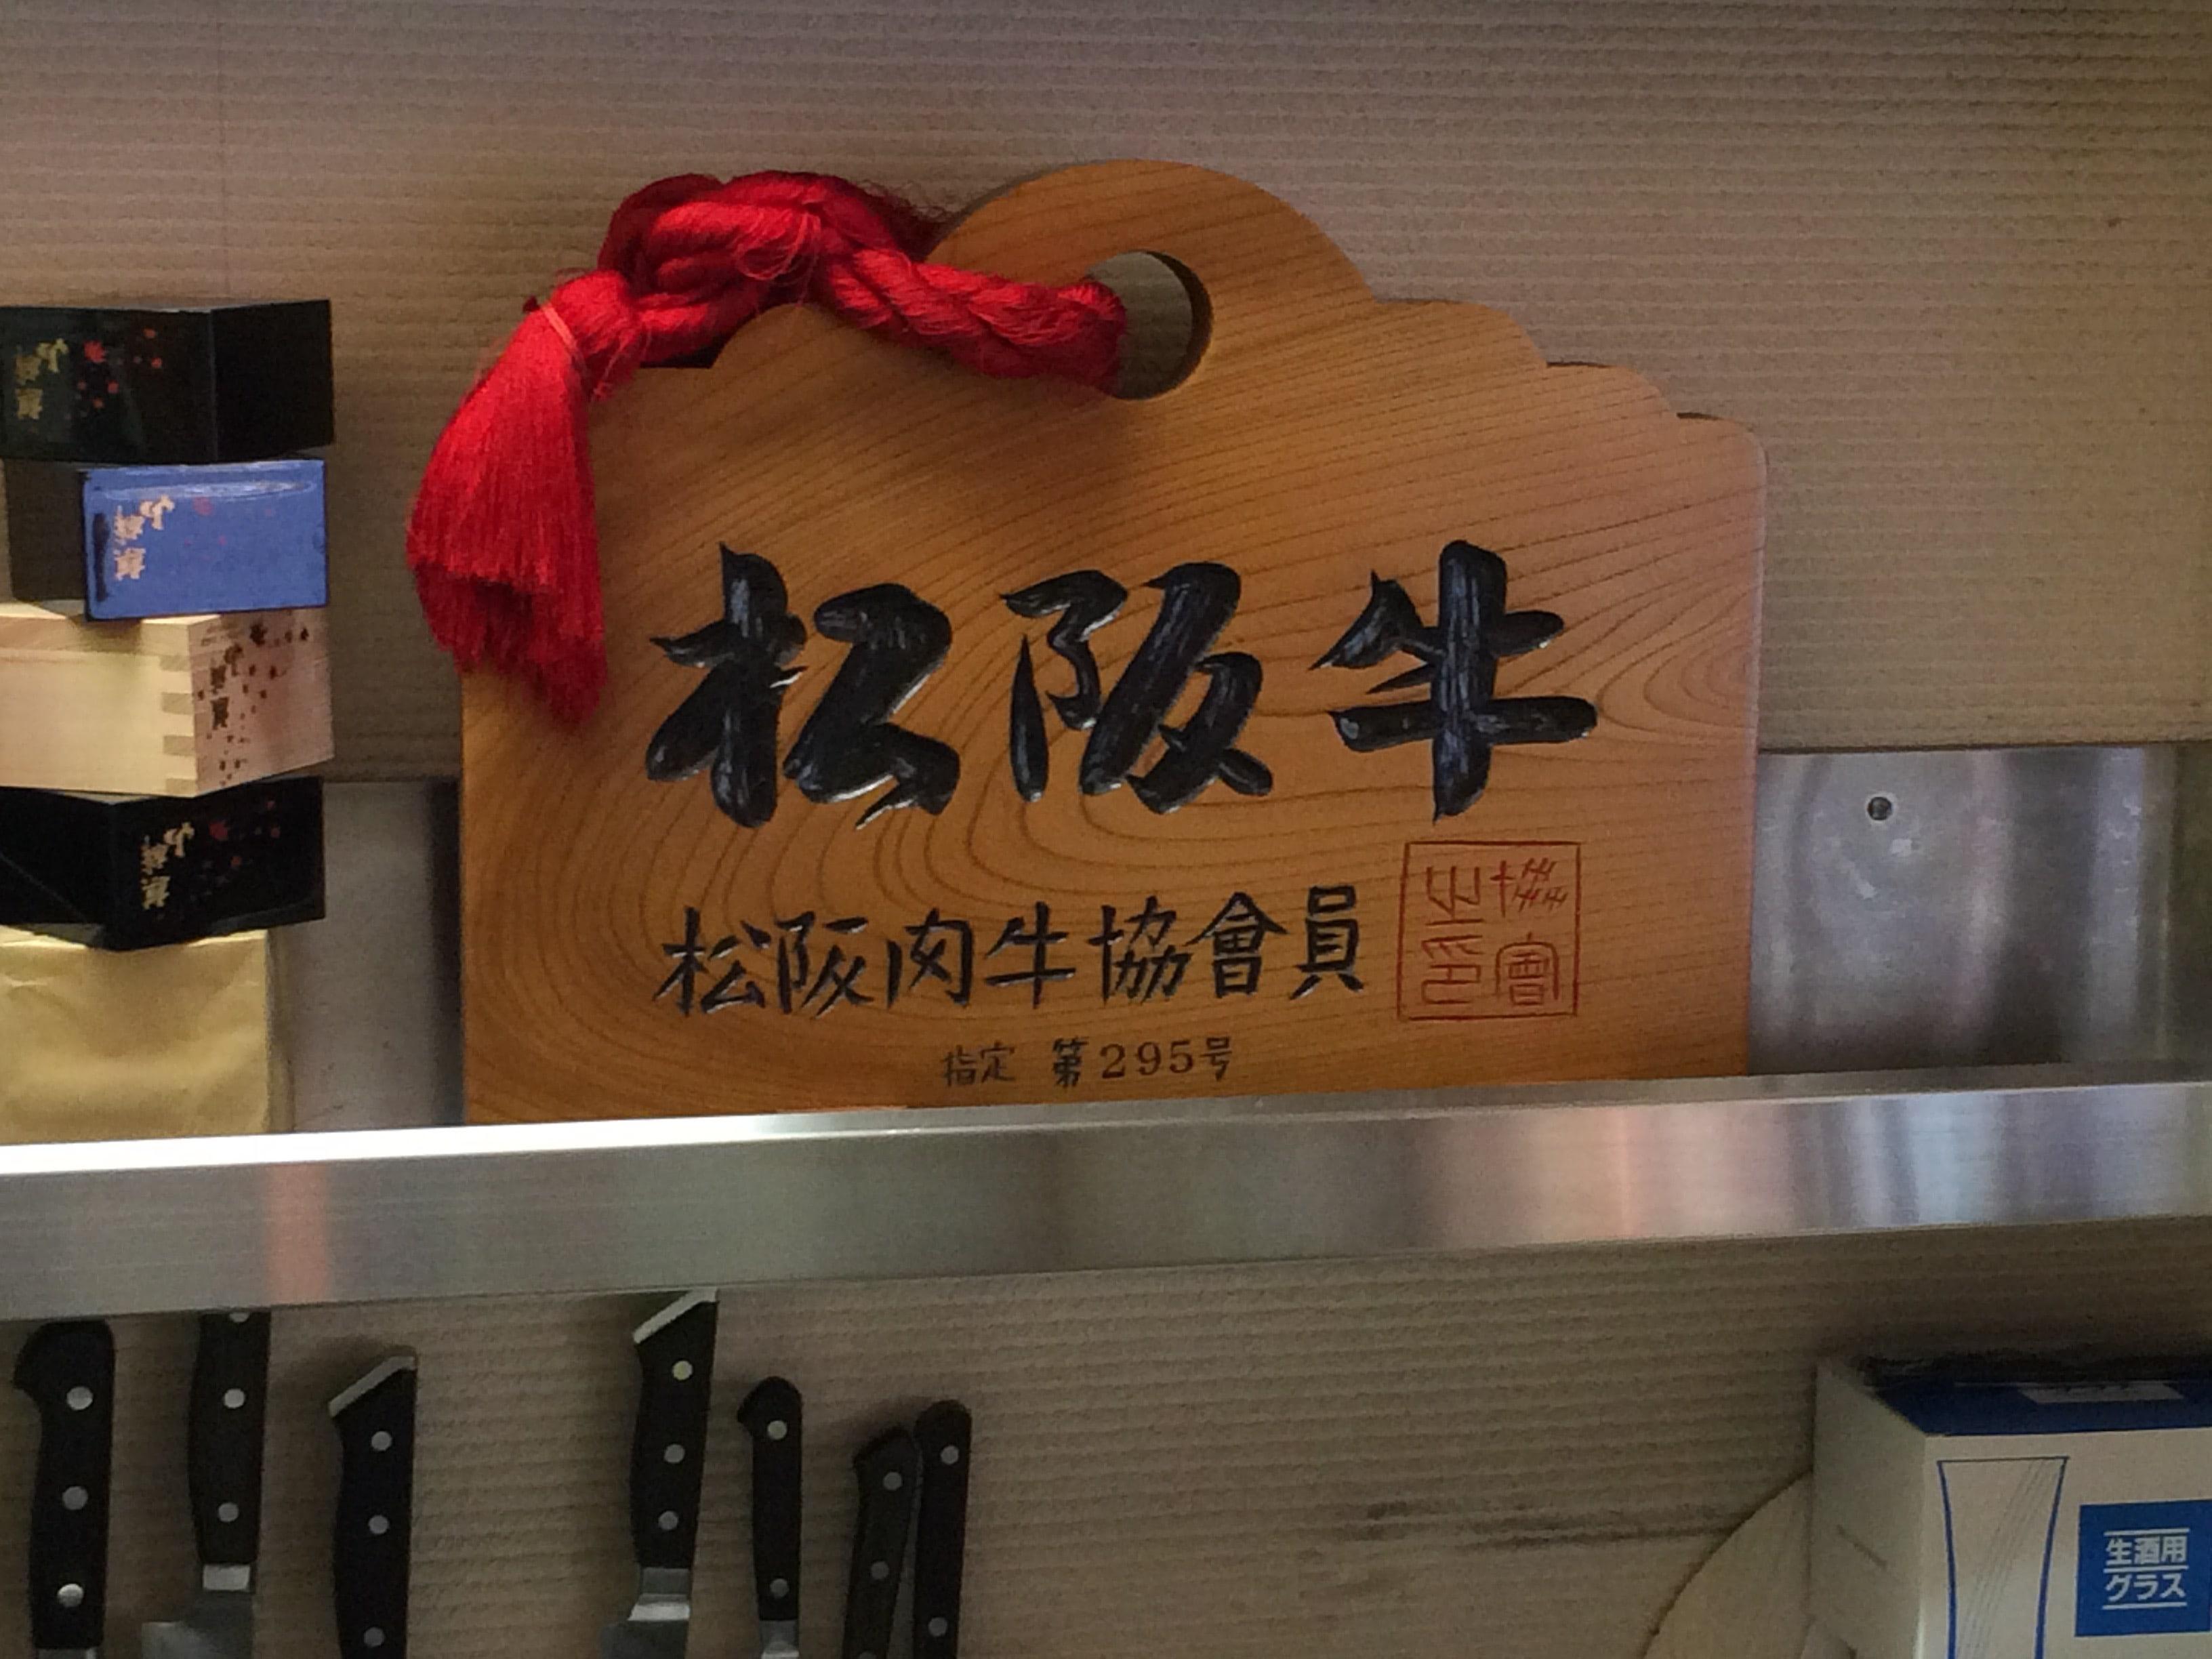 松阪肉牛協会員証